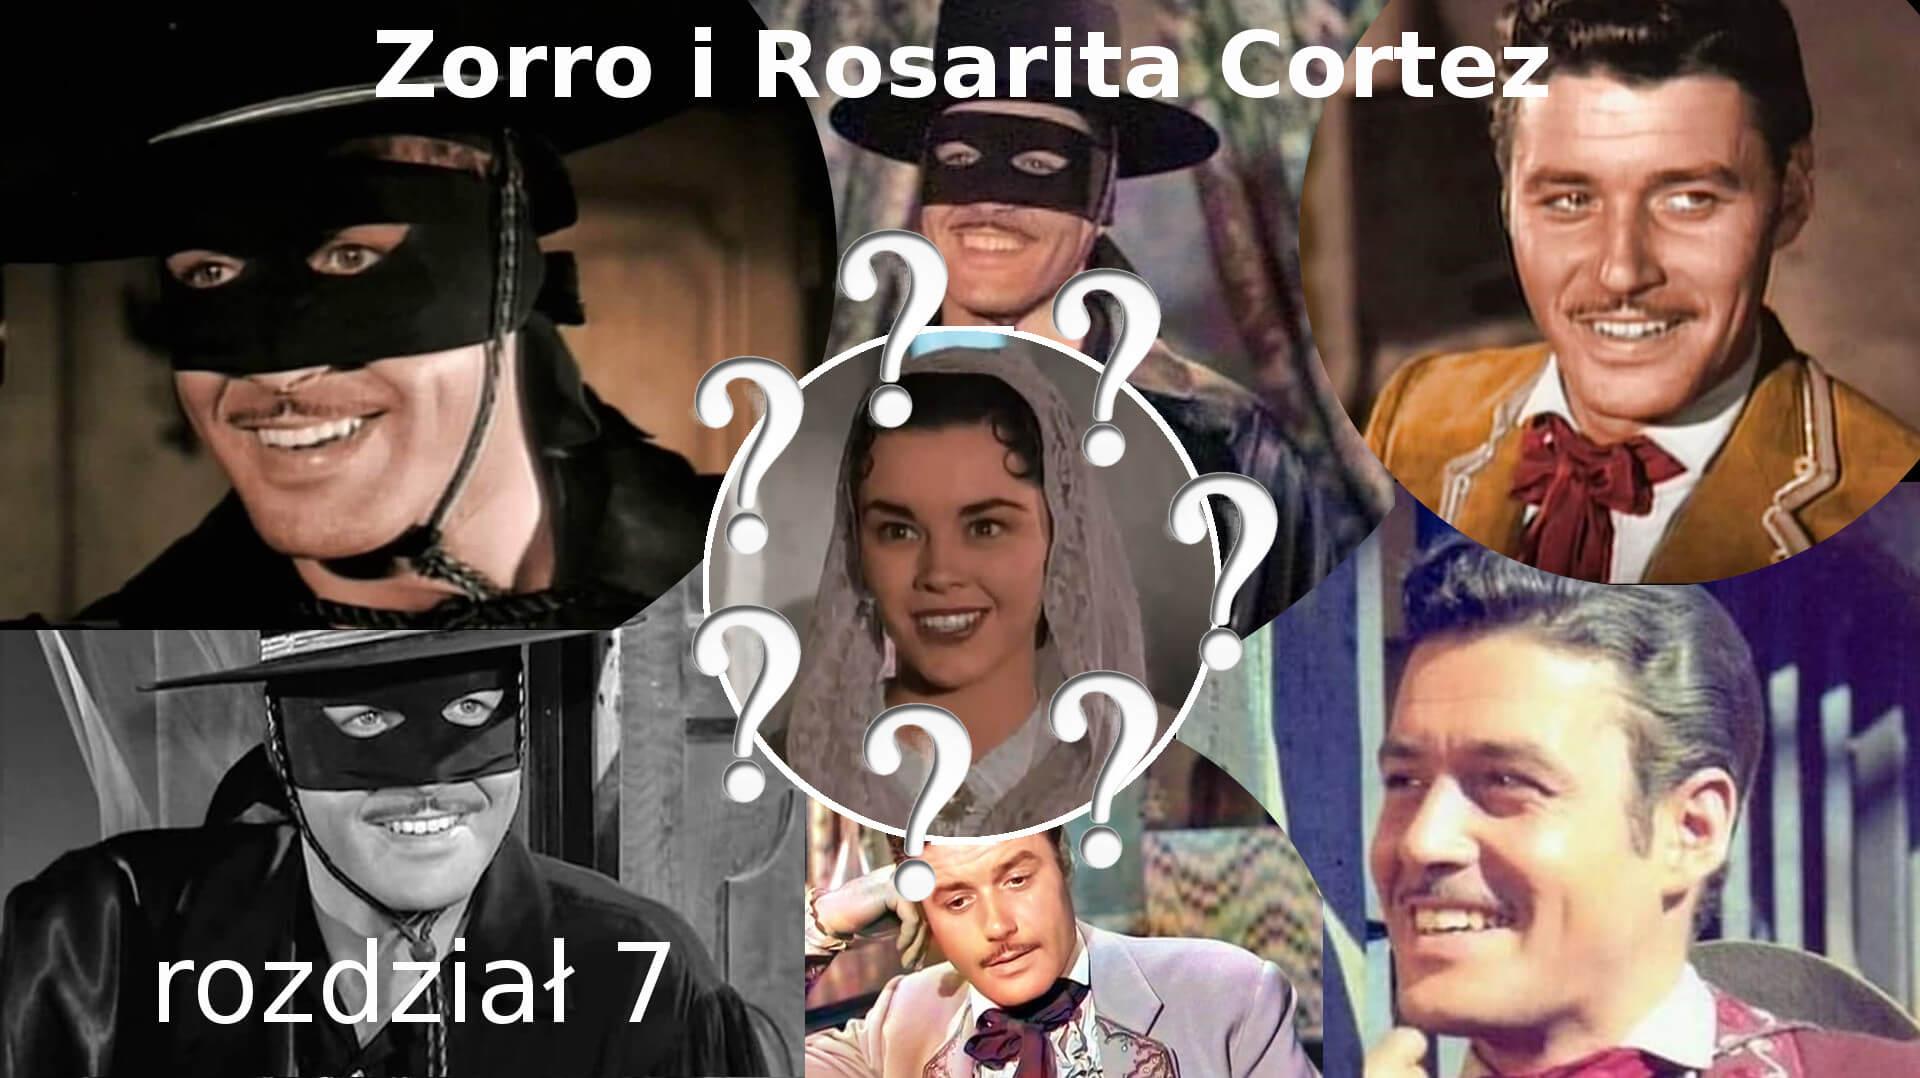 Zorro i Rosarita Cortez rozdział 7 Zorro fanfiction